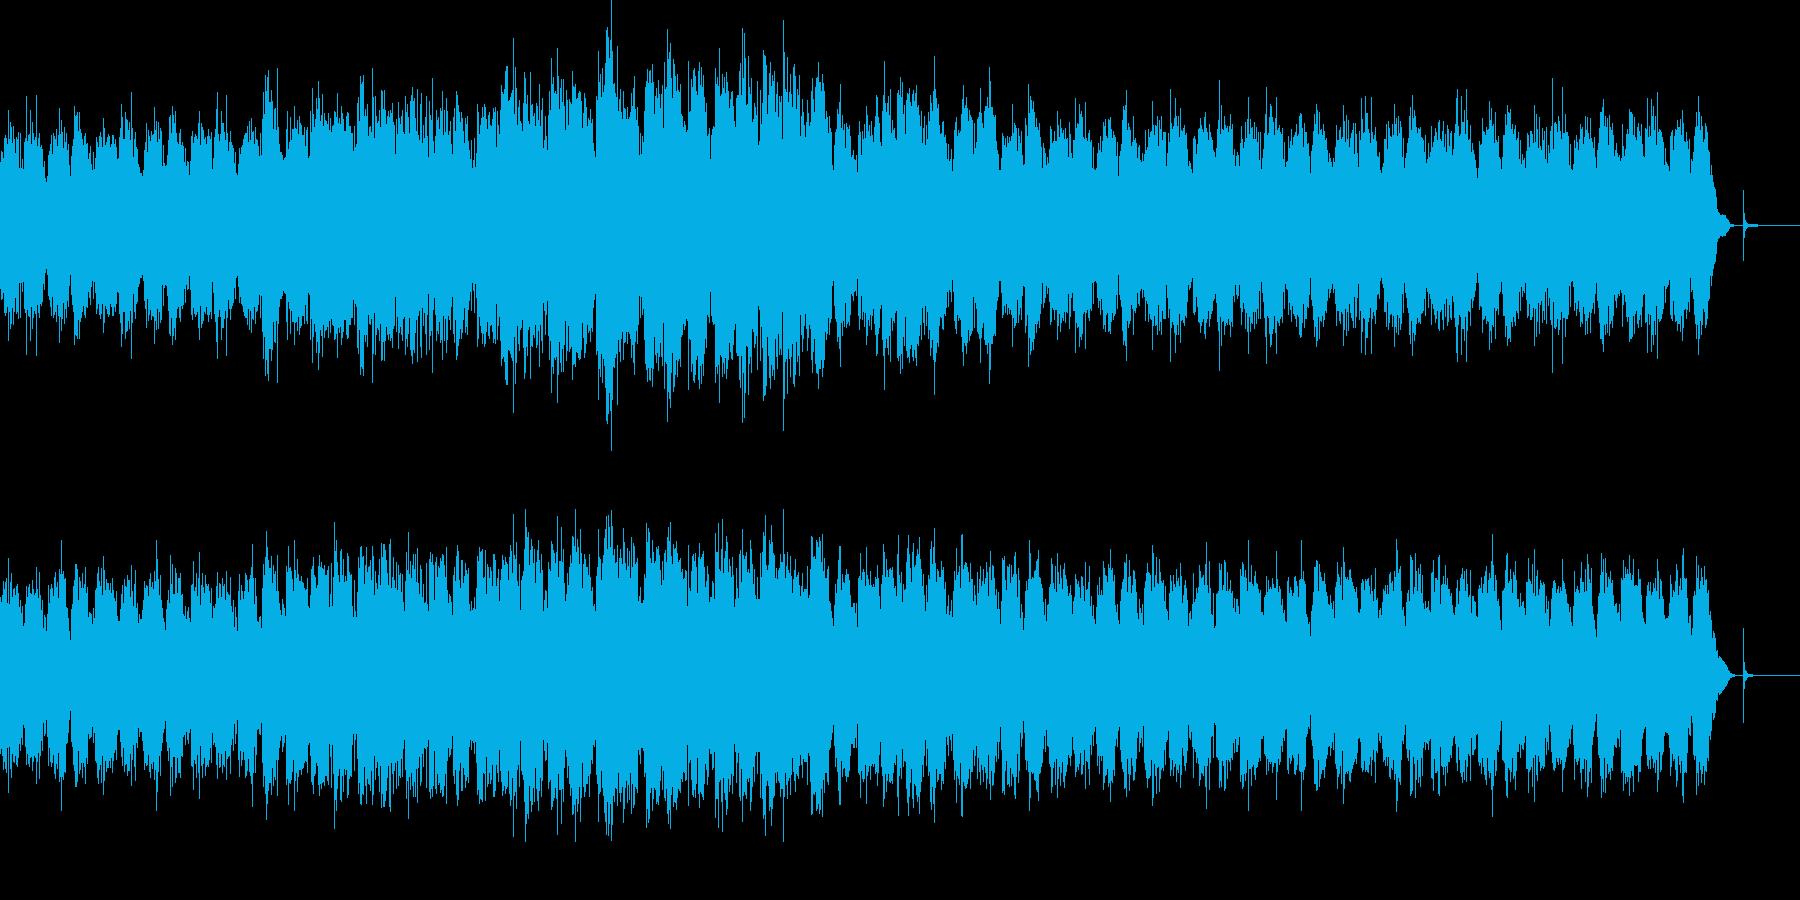 冷たさを感じさせるエレクトロサウンドの再生済みの波形